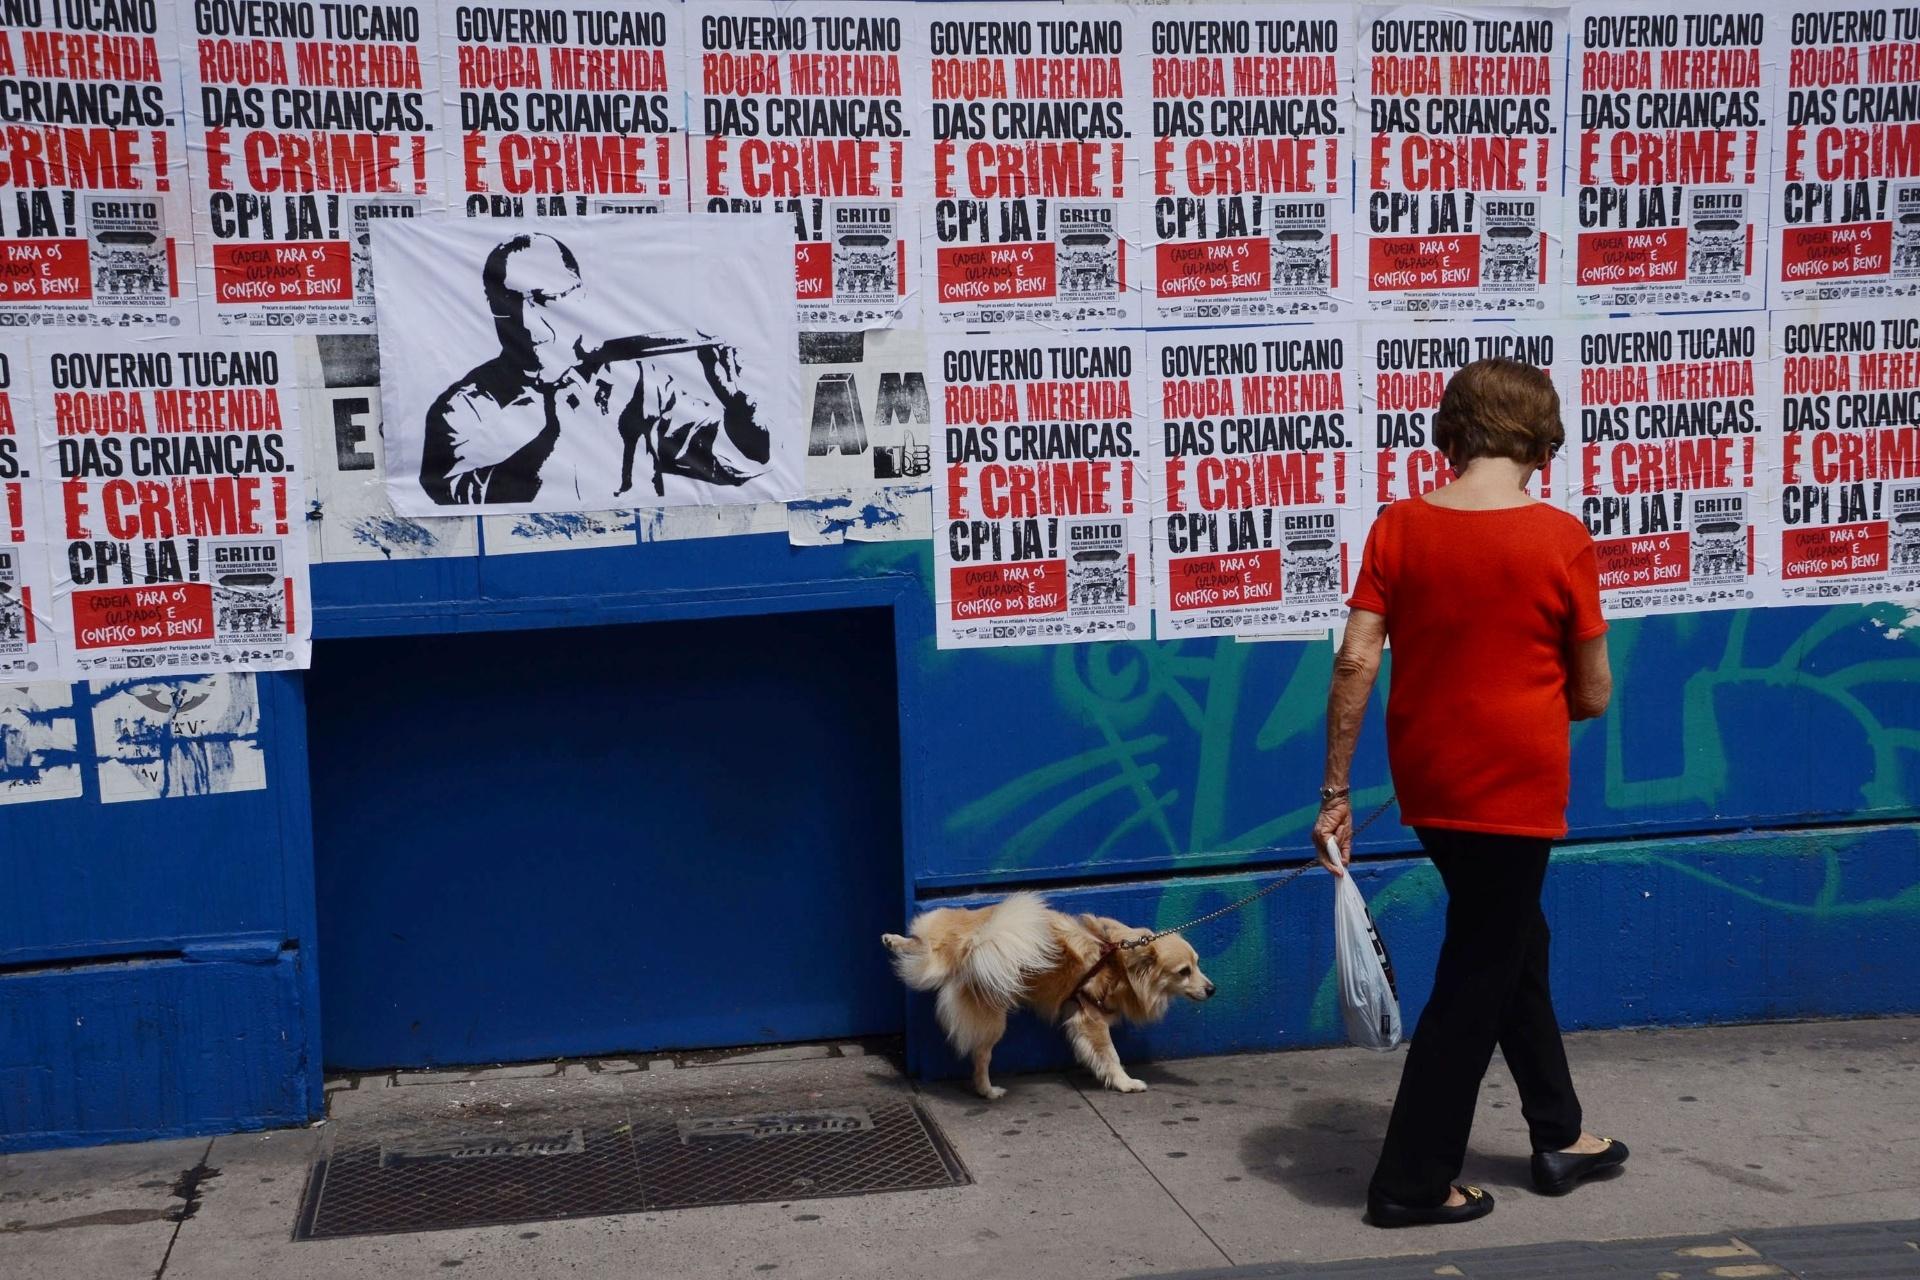 5.mar.2016 - Cartazes na avenida Paulista, em São Paulo, pedem a abertura de uma CPI (Comissão Parlamentar de Inquérito) para apurar denúncias de desvio de verbas da merenda escolar. Uma gravura com o rosto do governador do Estado de São Paulo, Geraldo Alckmin, chama a atenção